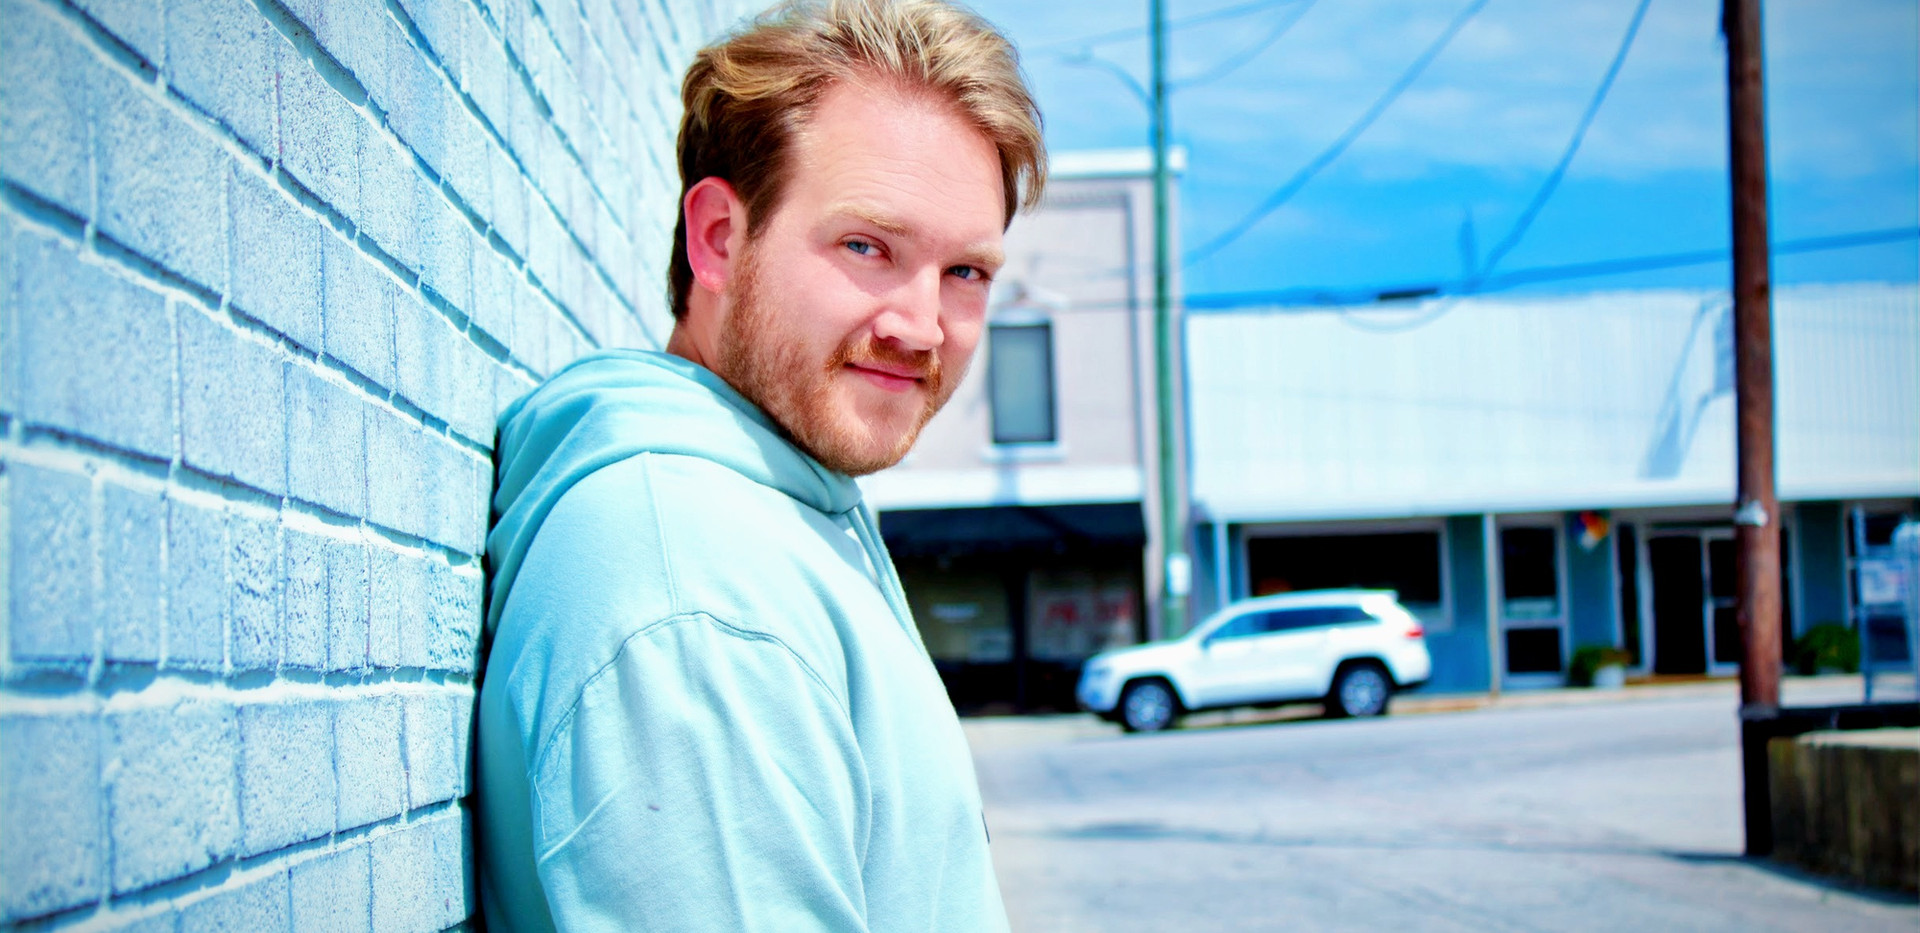 Andrew Kurtz Singer/Songwriter promo pho